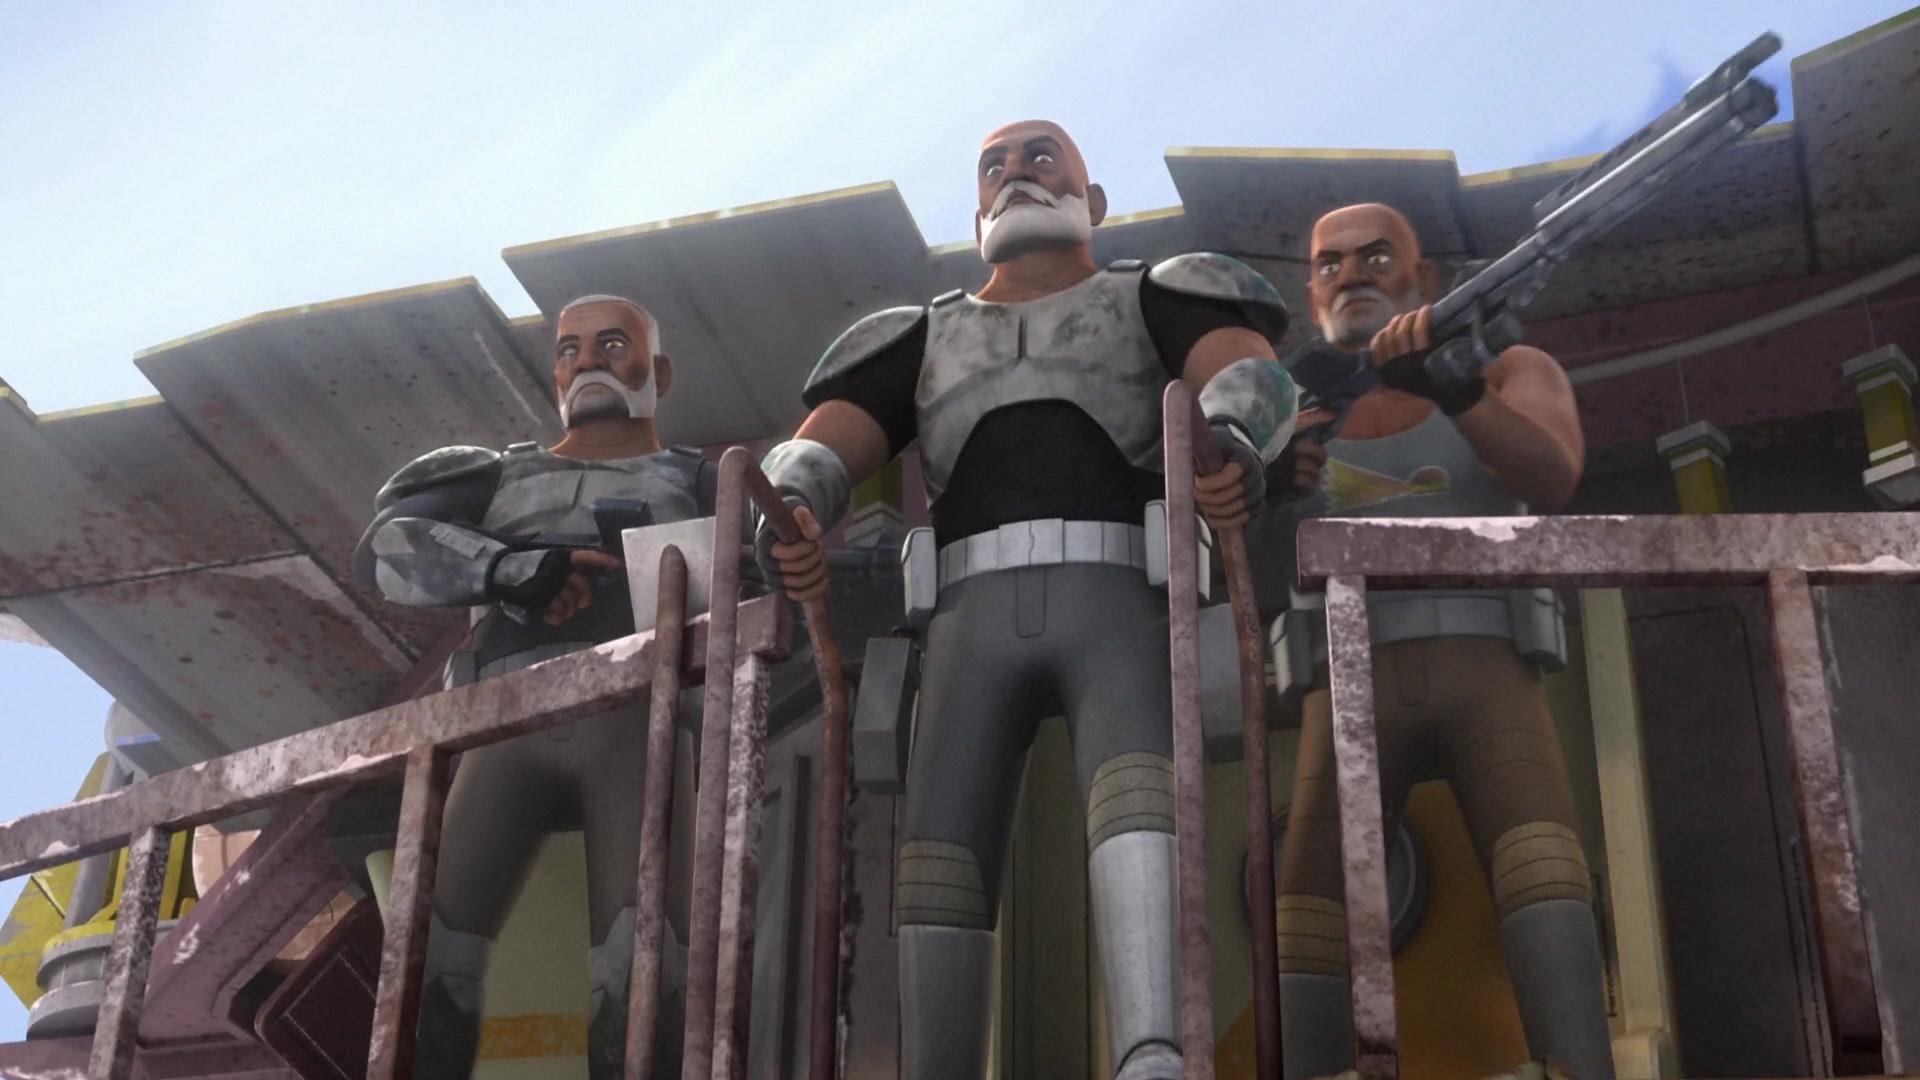 star wars rebels s2e2 the lost commanders wolffe rex gregor